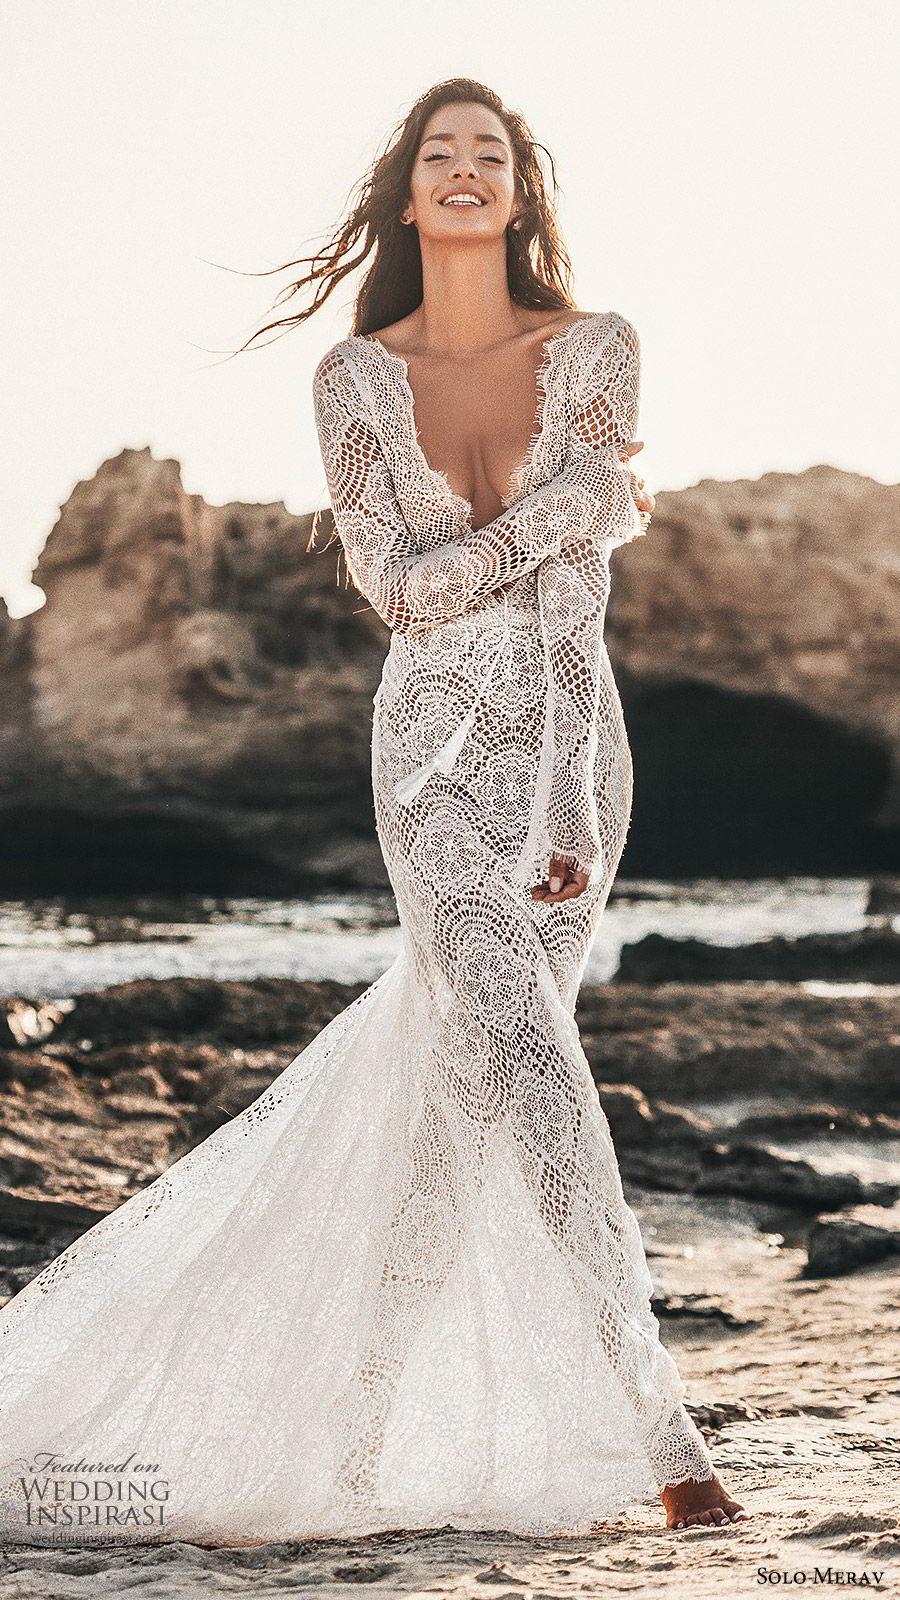 solo merav 2019 bridal long sleeves plunging v neckline sheath lace mermaid wedding dress (1) mv sweep train elegant boho romantic